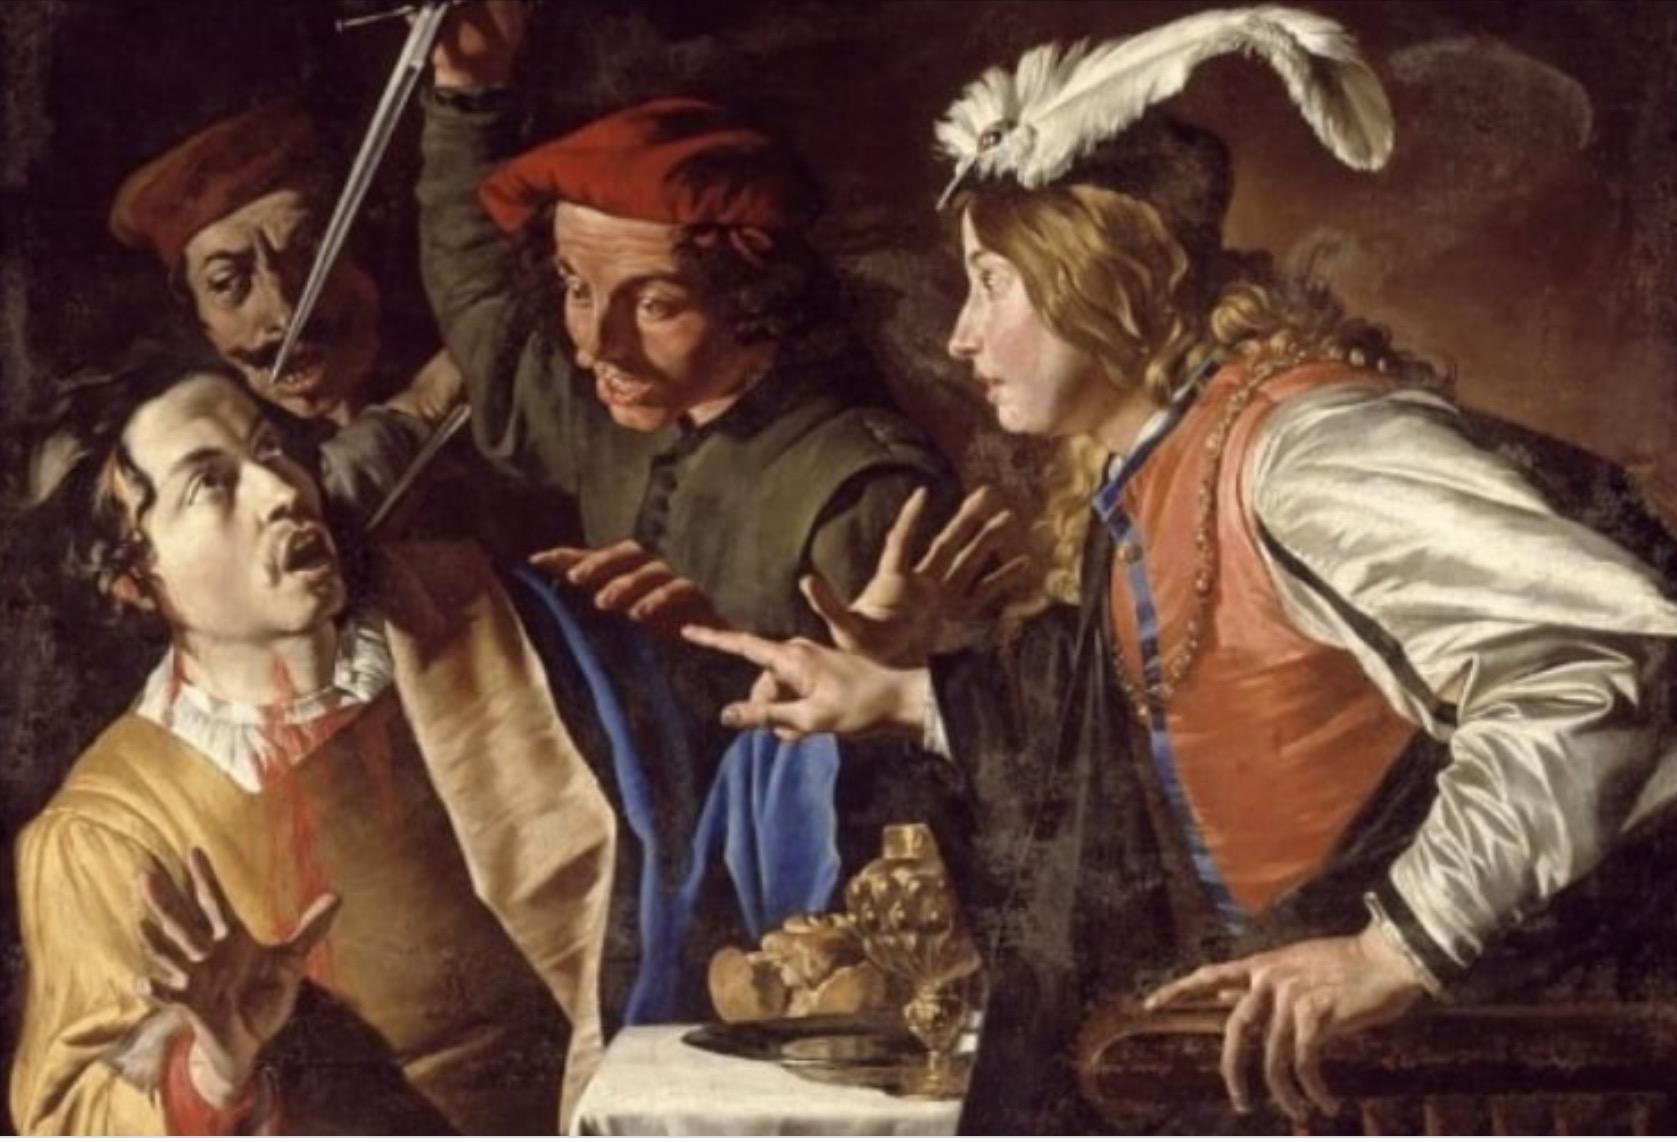 Mostre, Caravaggisti al Filangieri, Chagall alla Pietrasanta e Dworak